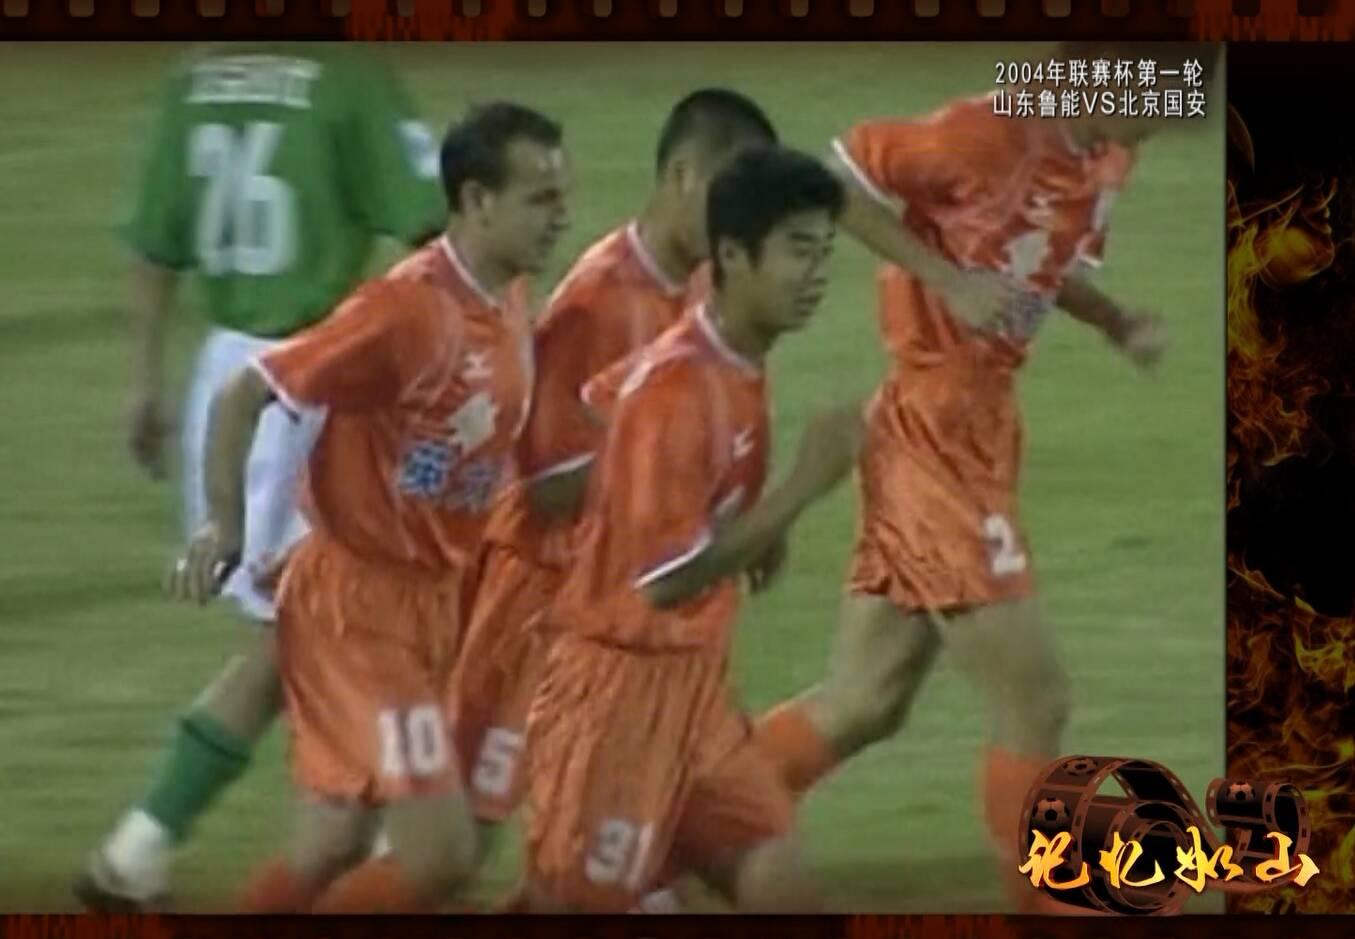 《记忆如山》丨图巴打造华丽足球 尼古拉斯助鲁能大胜国安